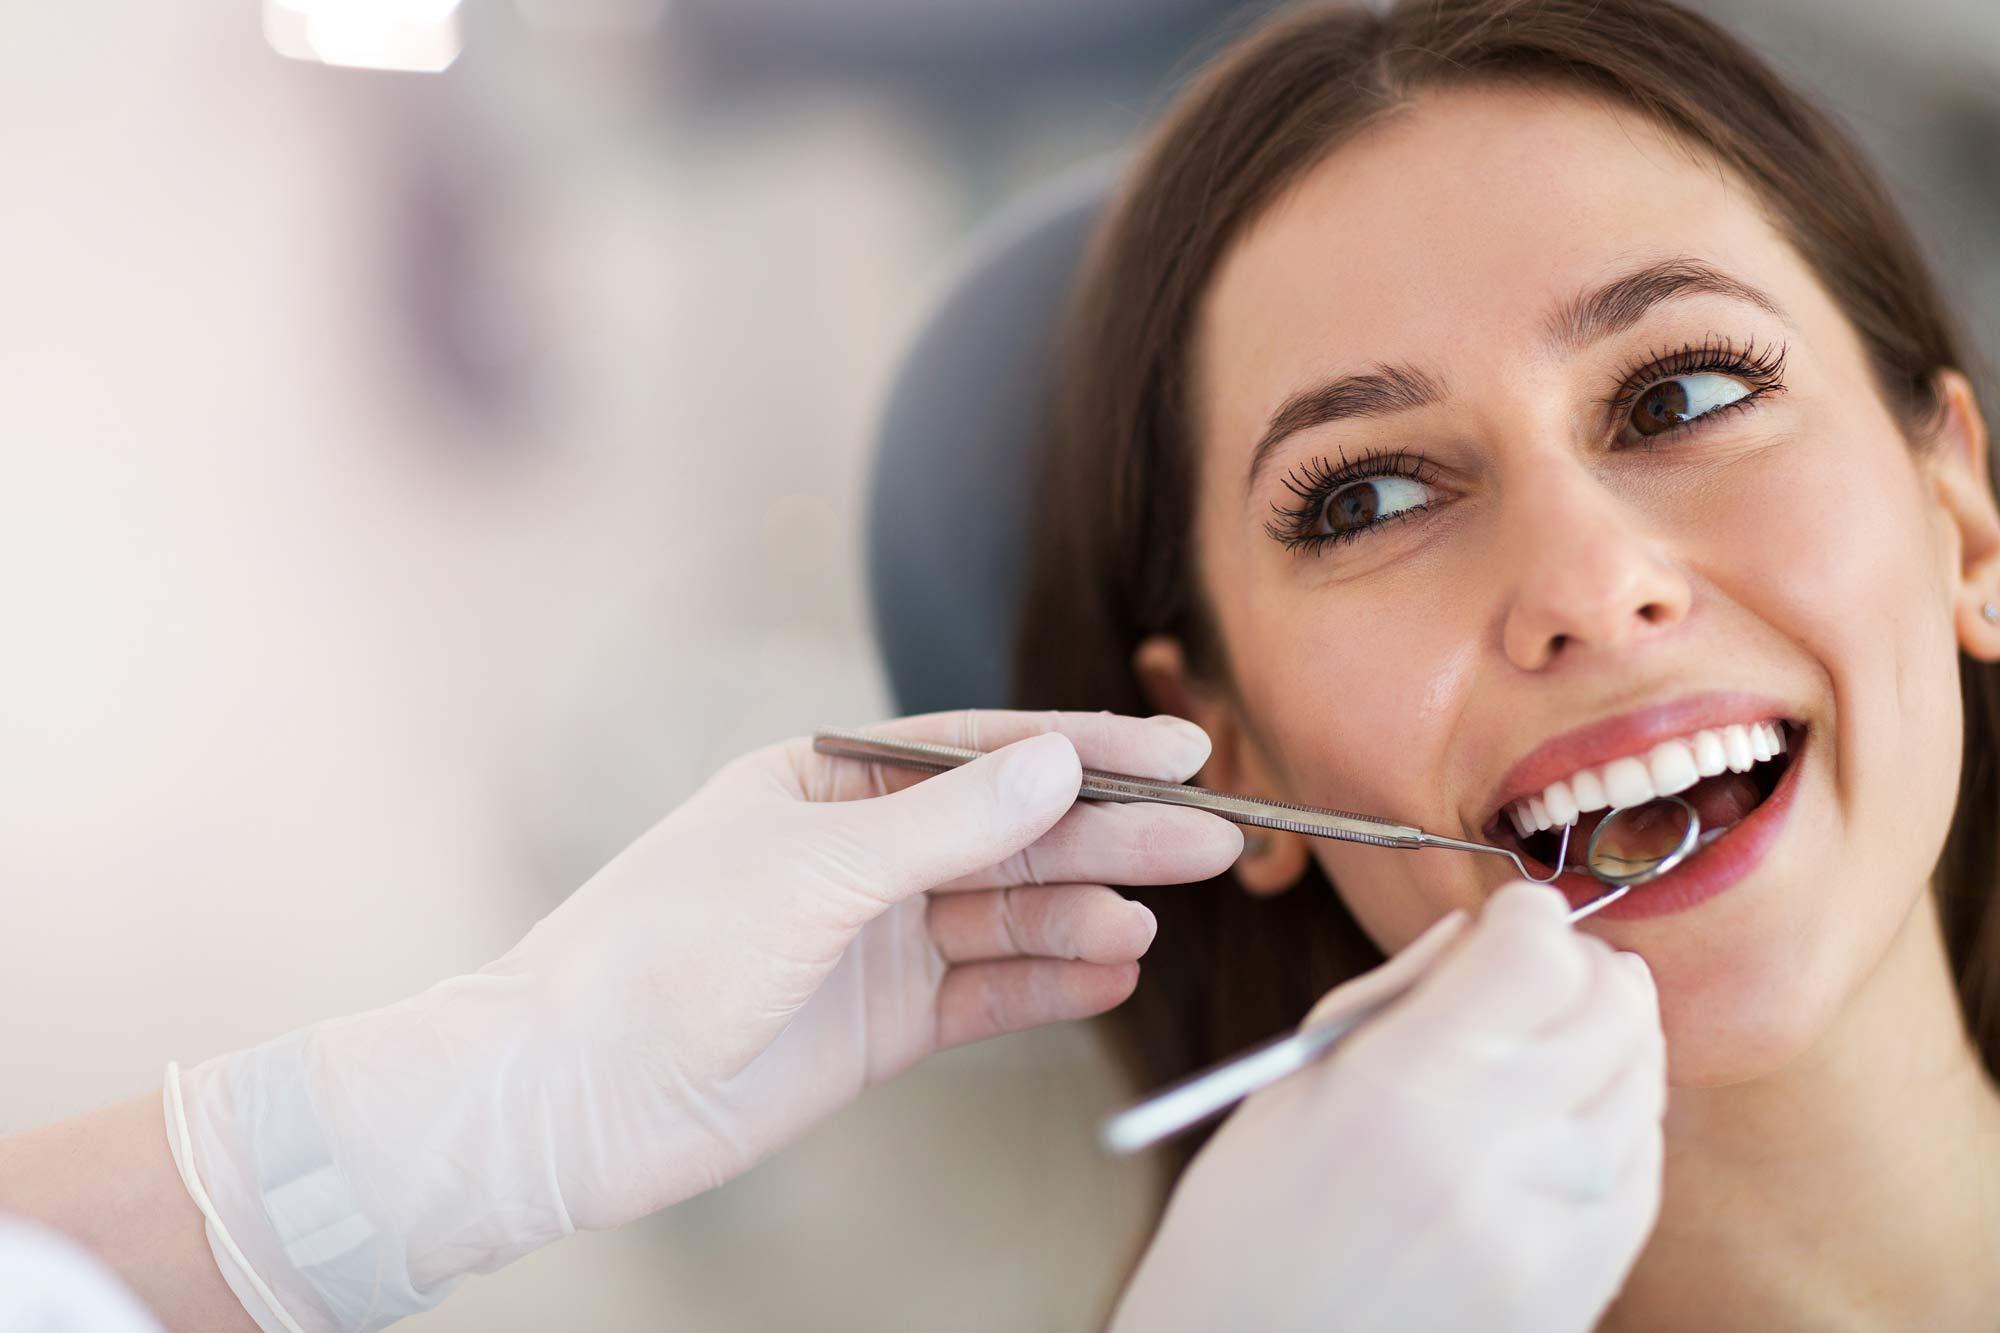 Behandlung im Zentrum für Zahnmedizin Neusser Straße!